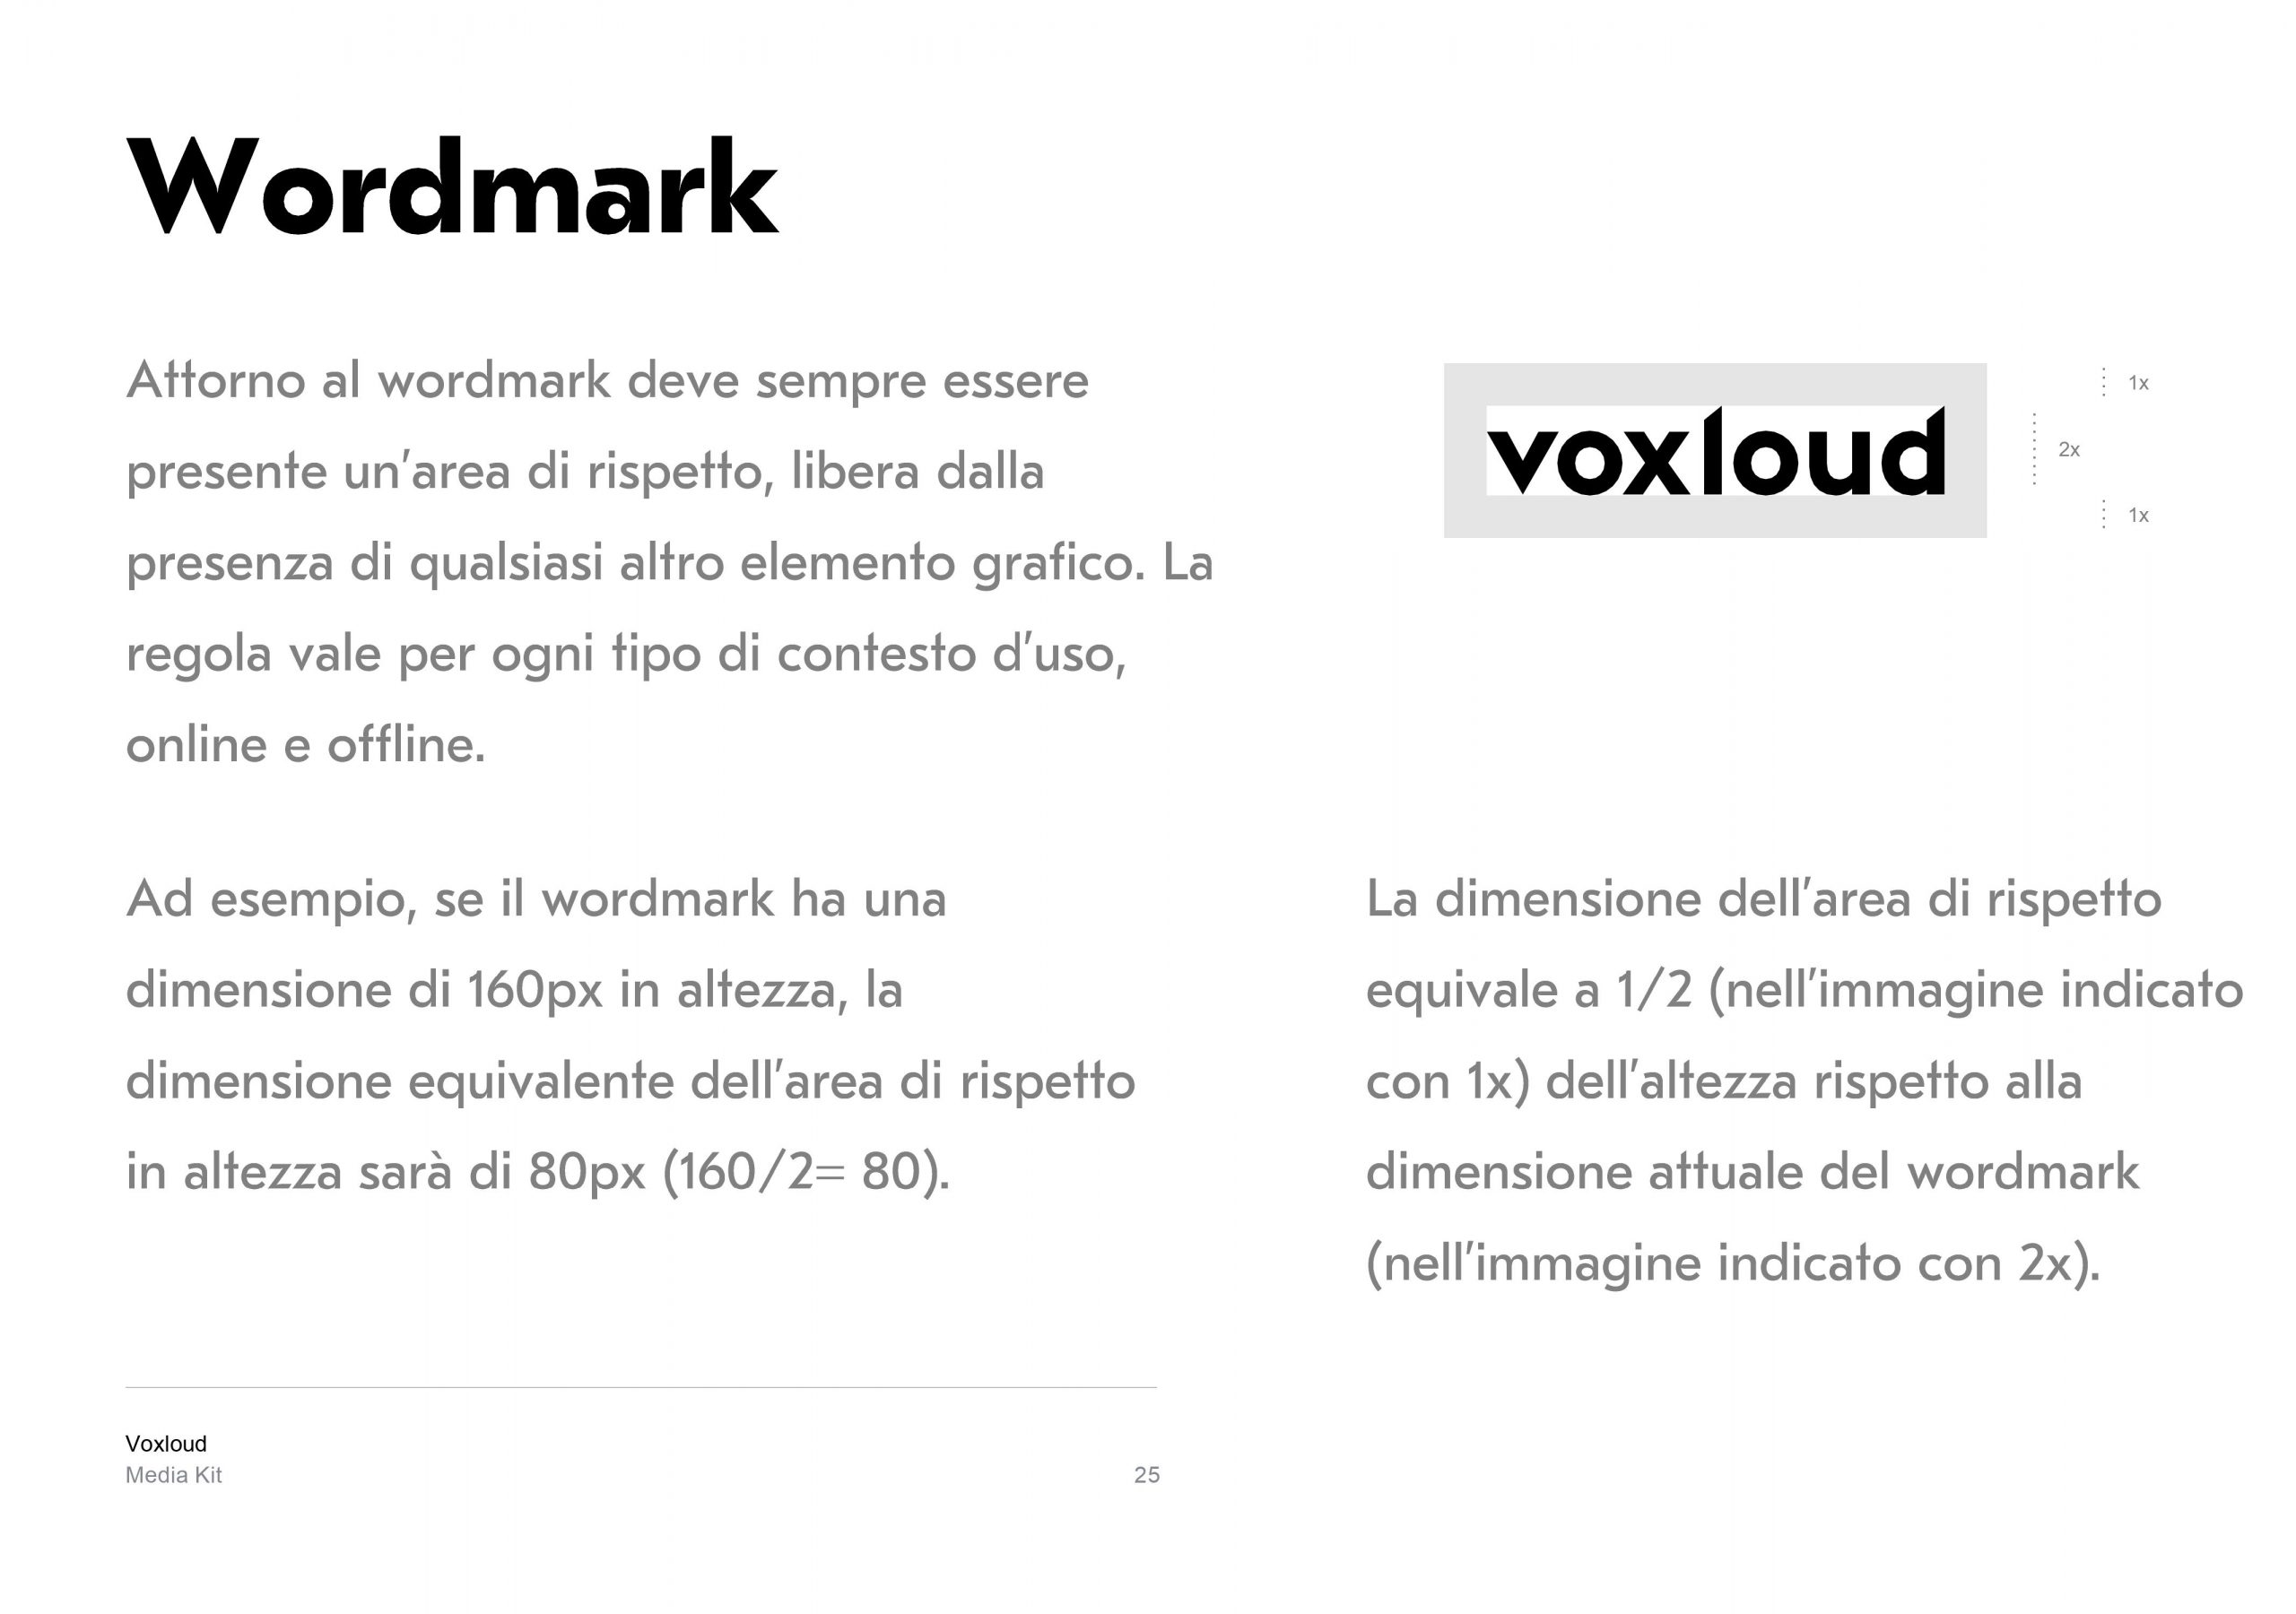 Voxloud Media Kit_IT_25